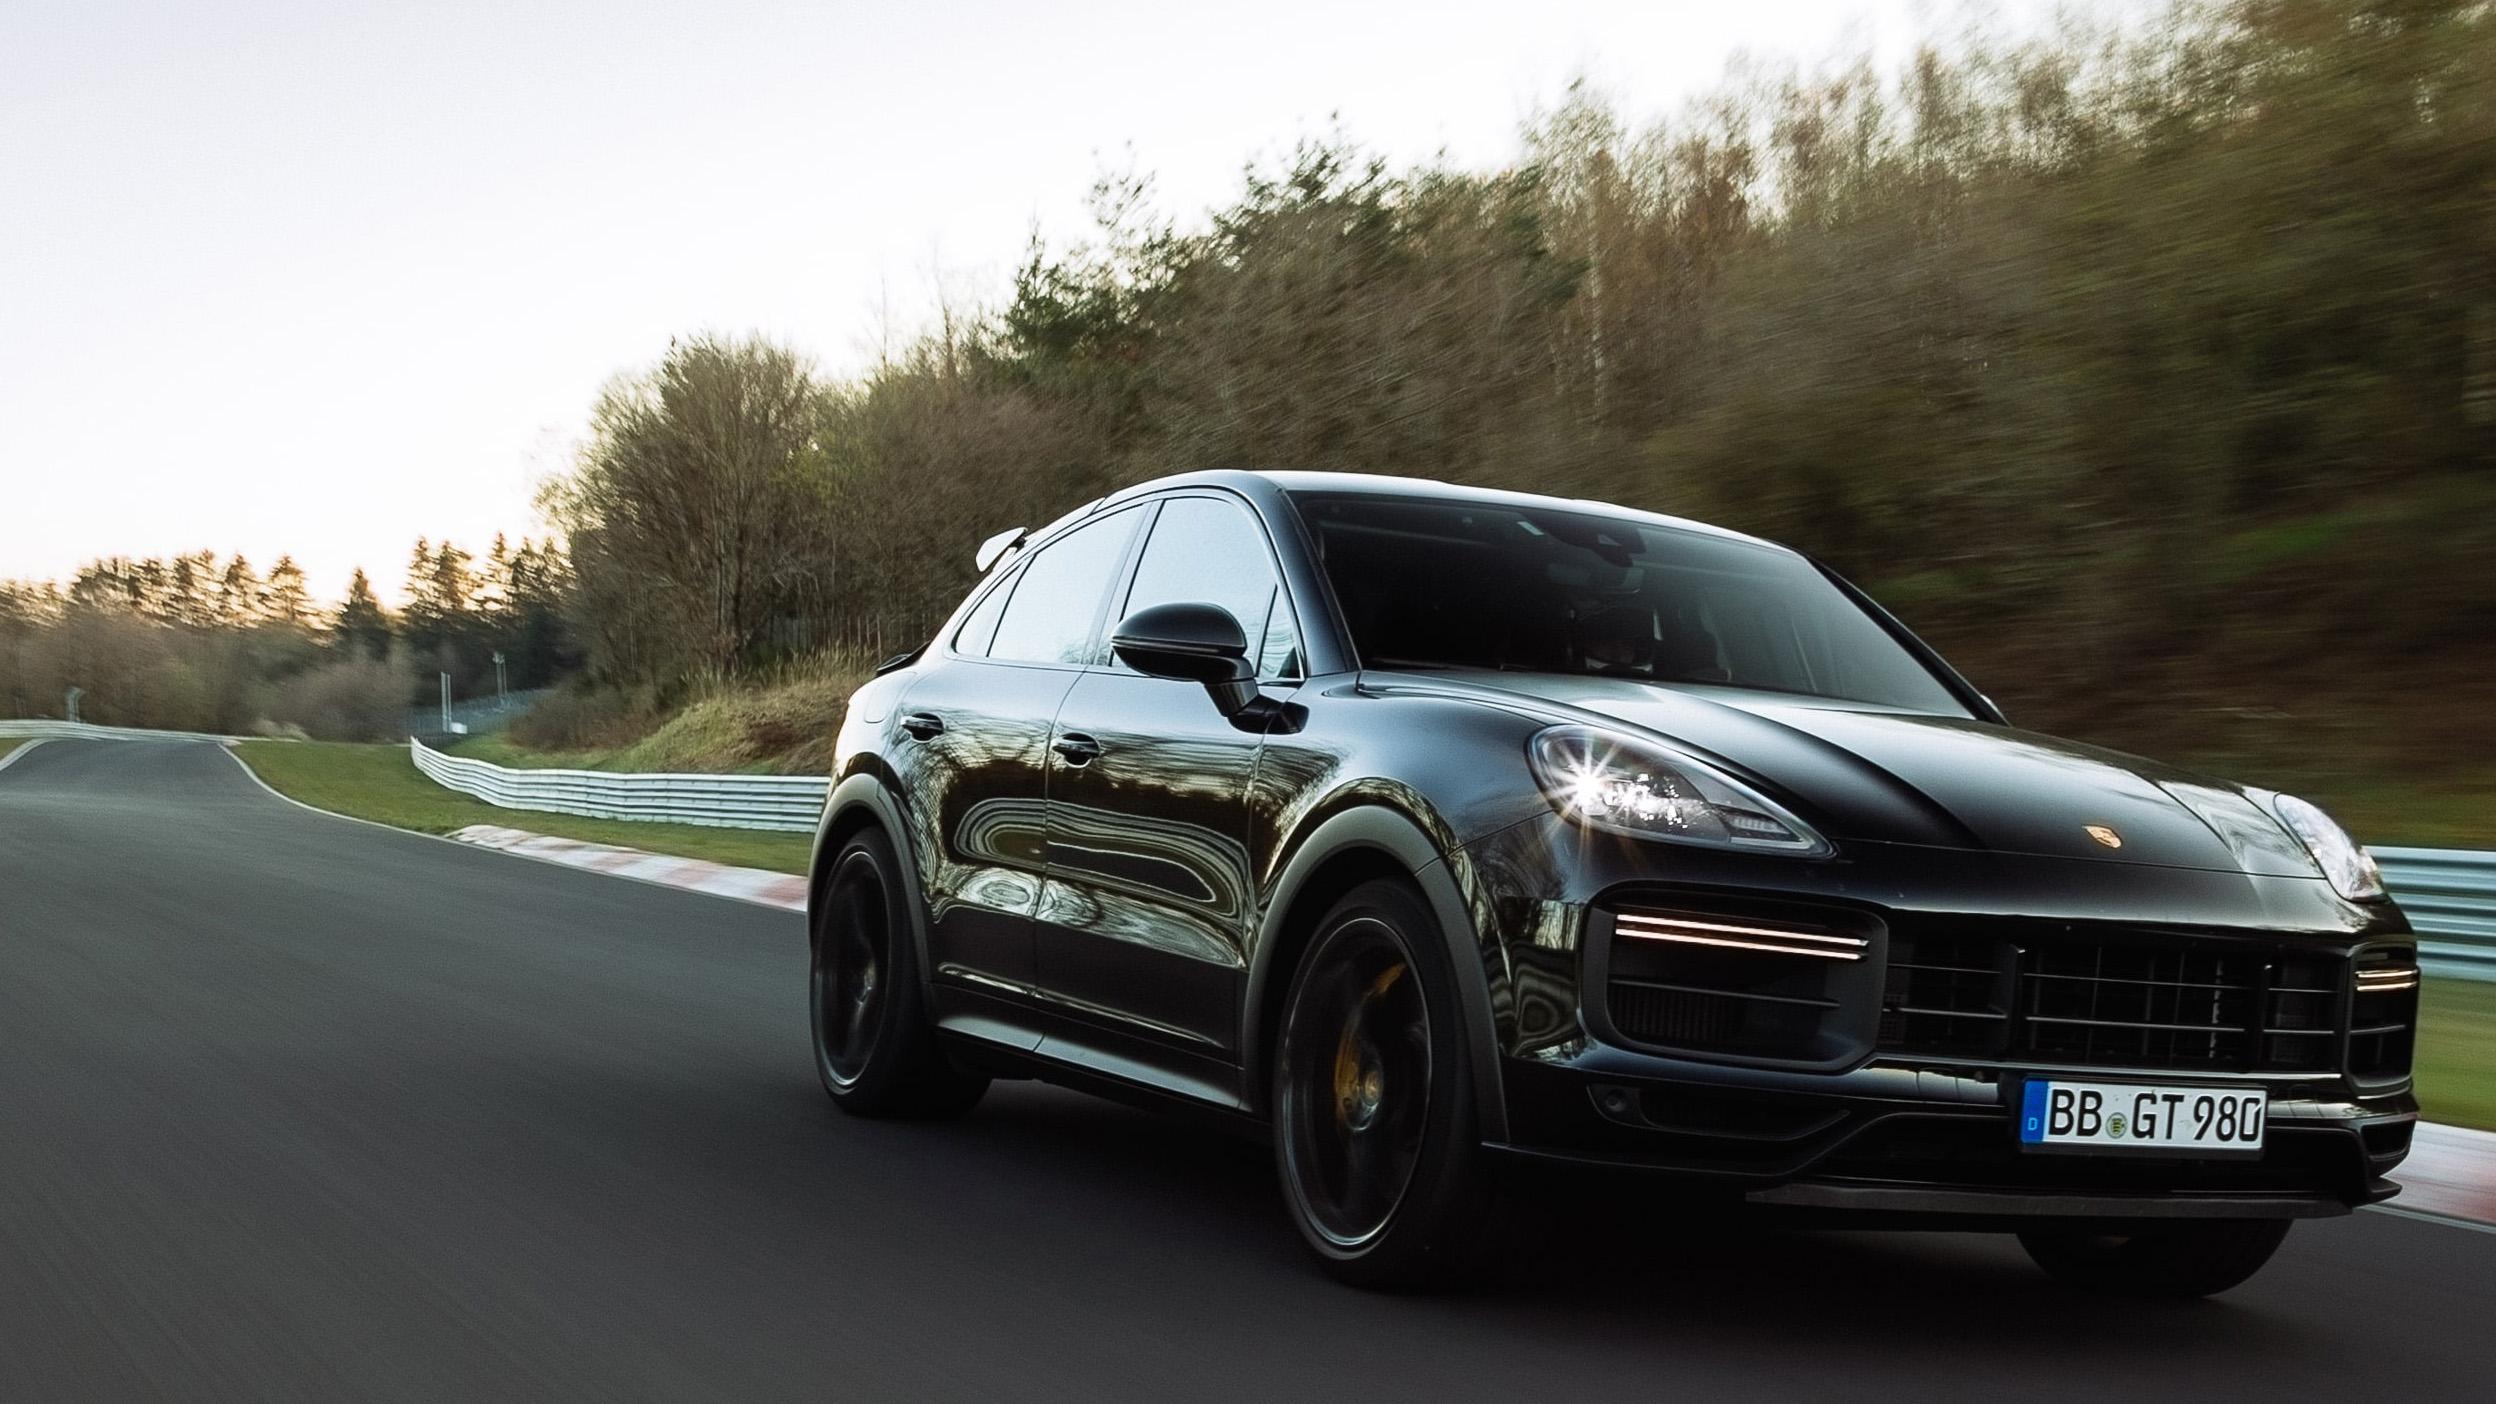 【影】七分半征服紐柏林 全新高性能版 Porsche Cayenne 創紀錄